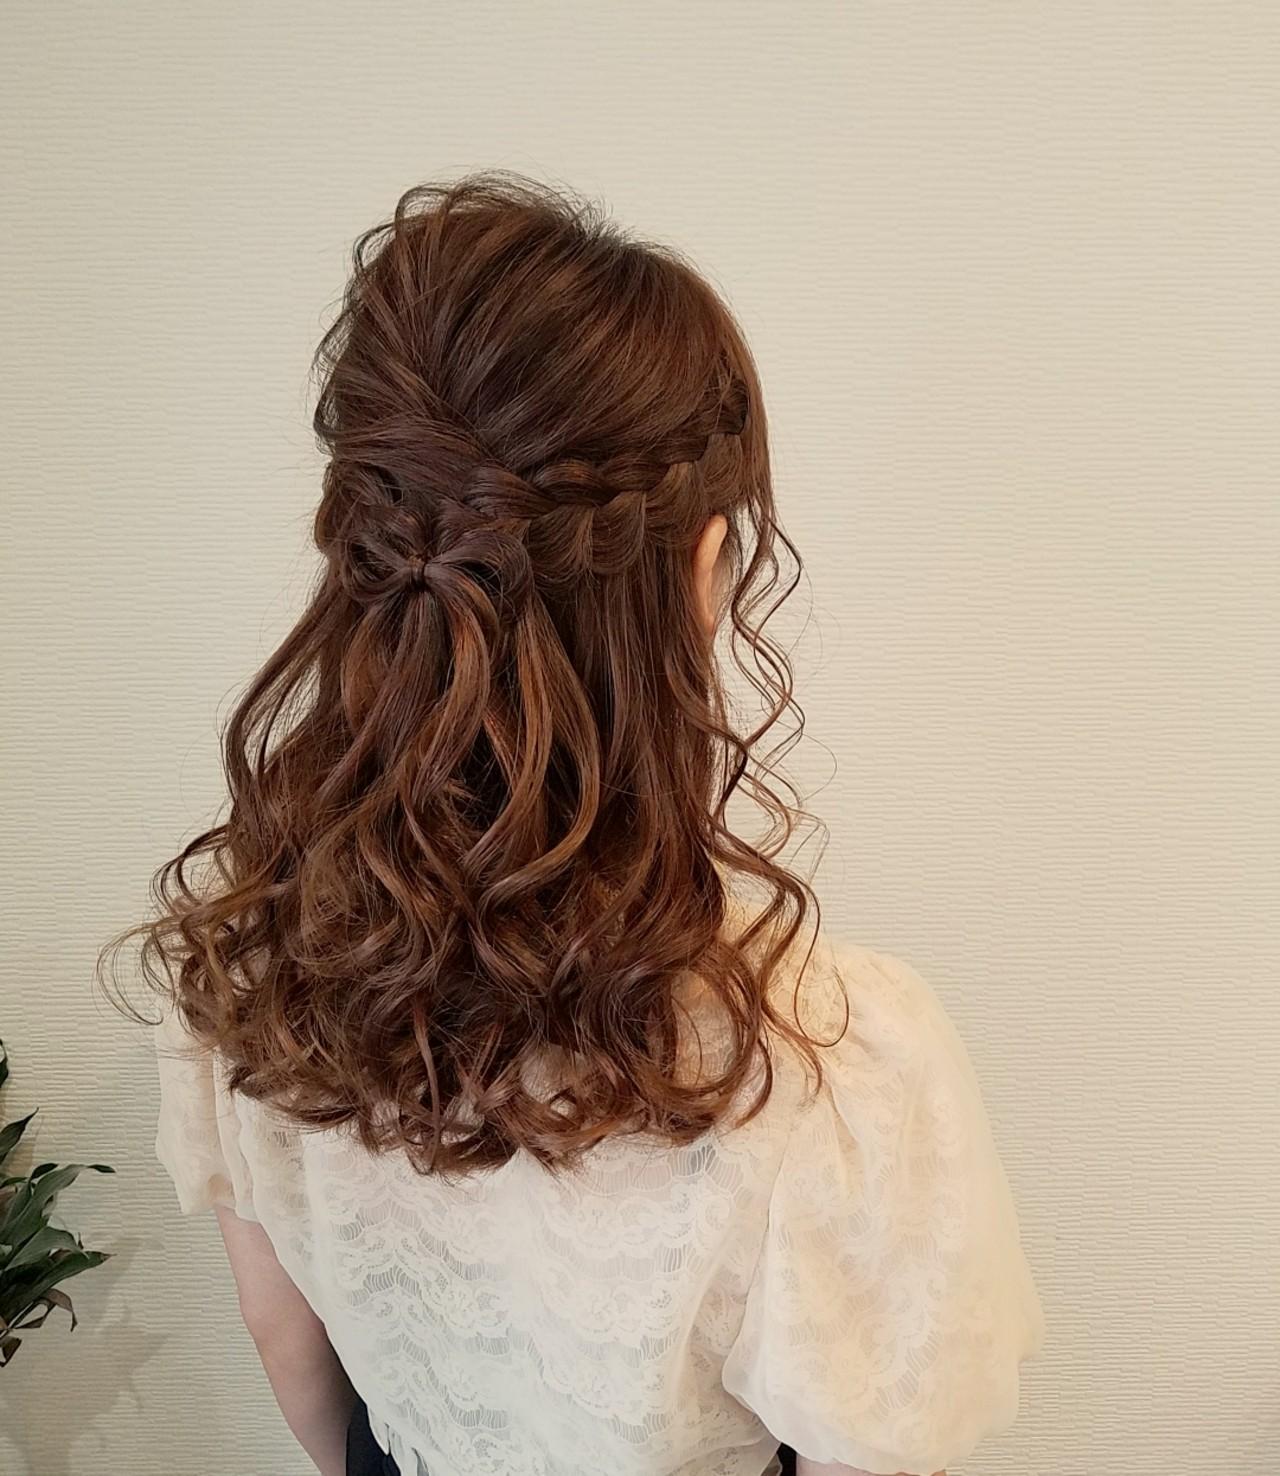 ヘアアレンジ ハーフアップ 編み込み ガーリー ヘアスタイルや髪型の写真・画像 | mai / HAIR SALON STELLA